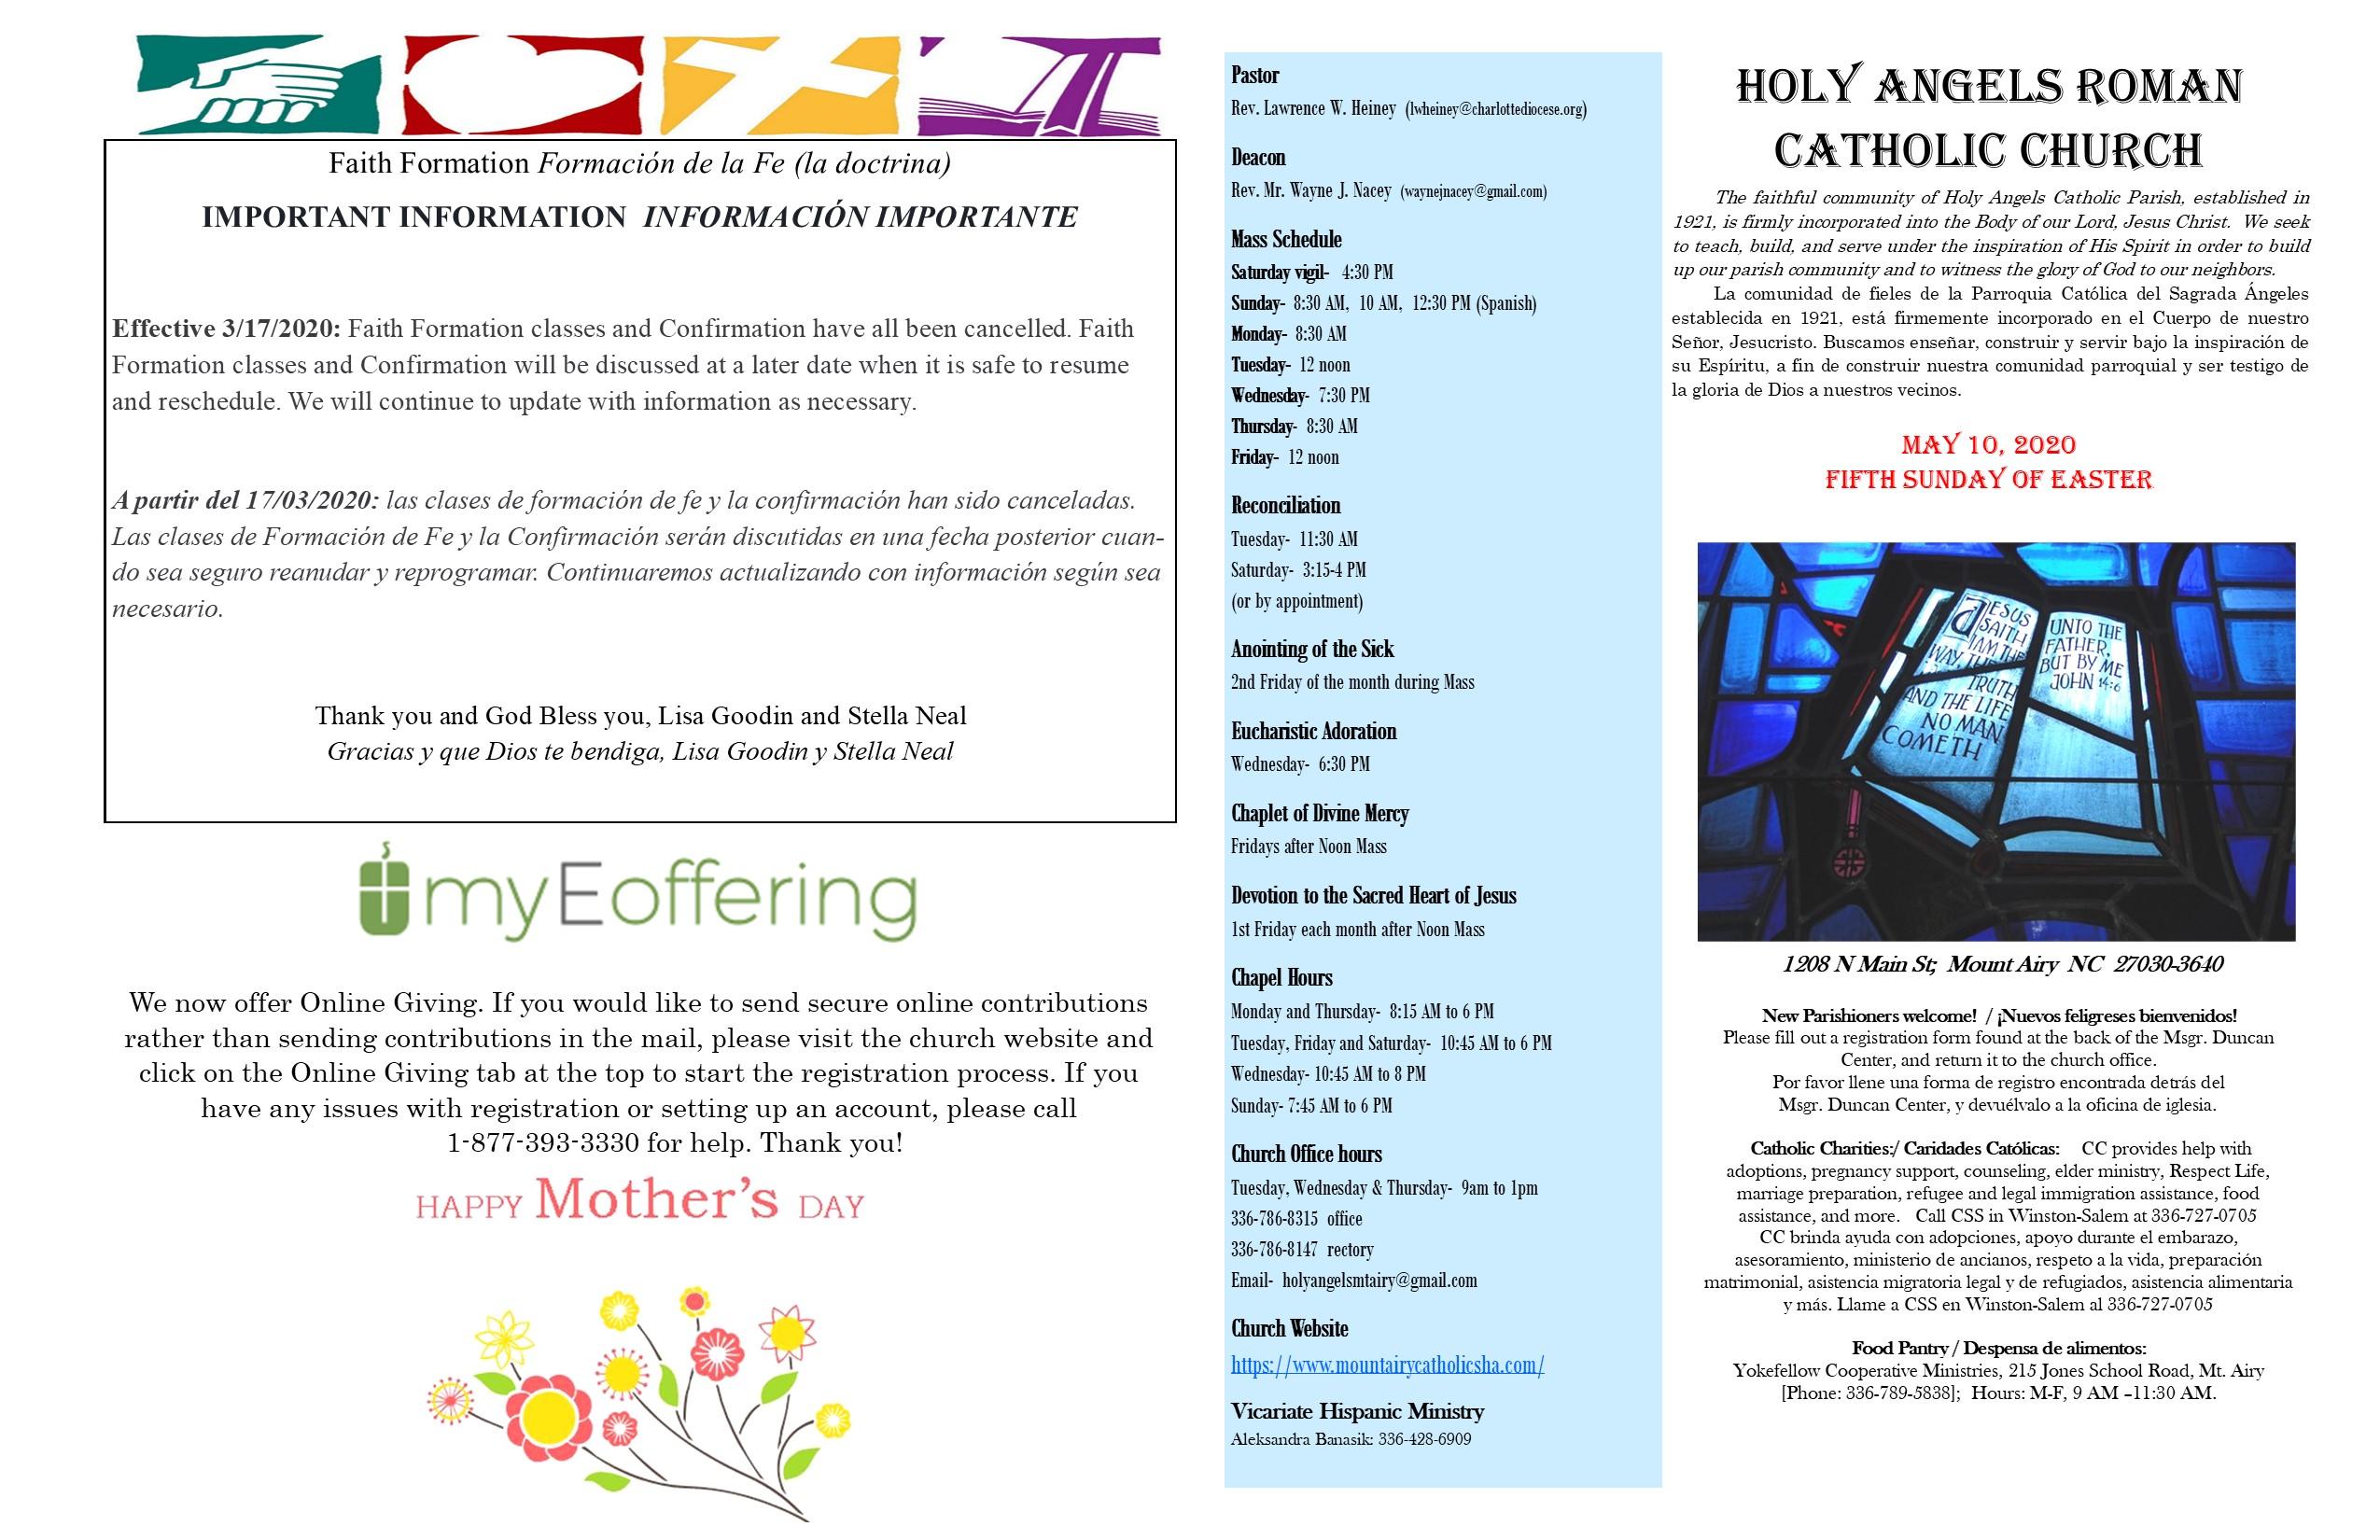 May 10 2020 page 1.jpg